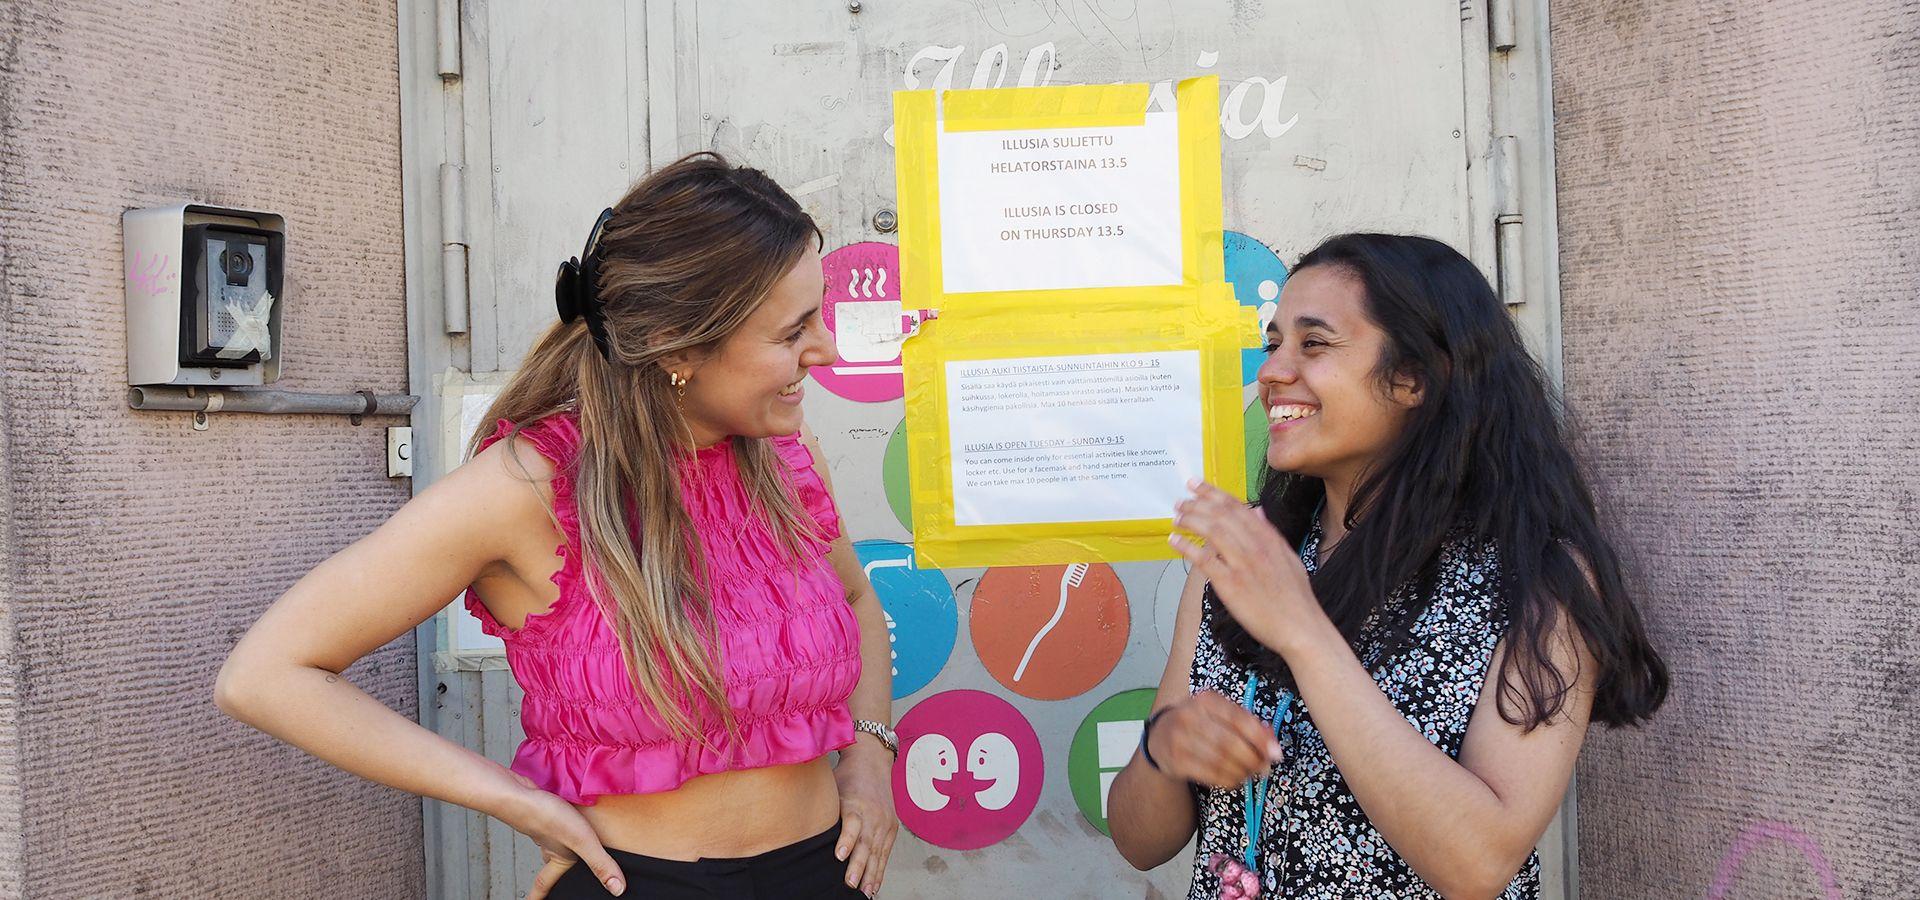 Sofia Ribeiro ja Ines Oliveira Illusian oven edessä